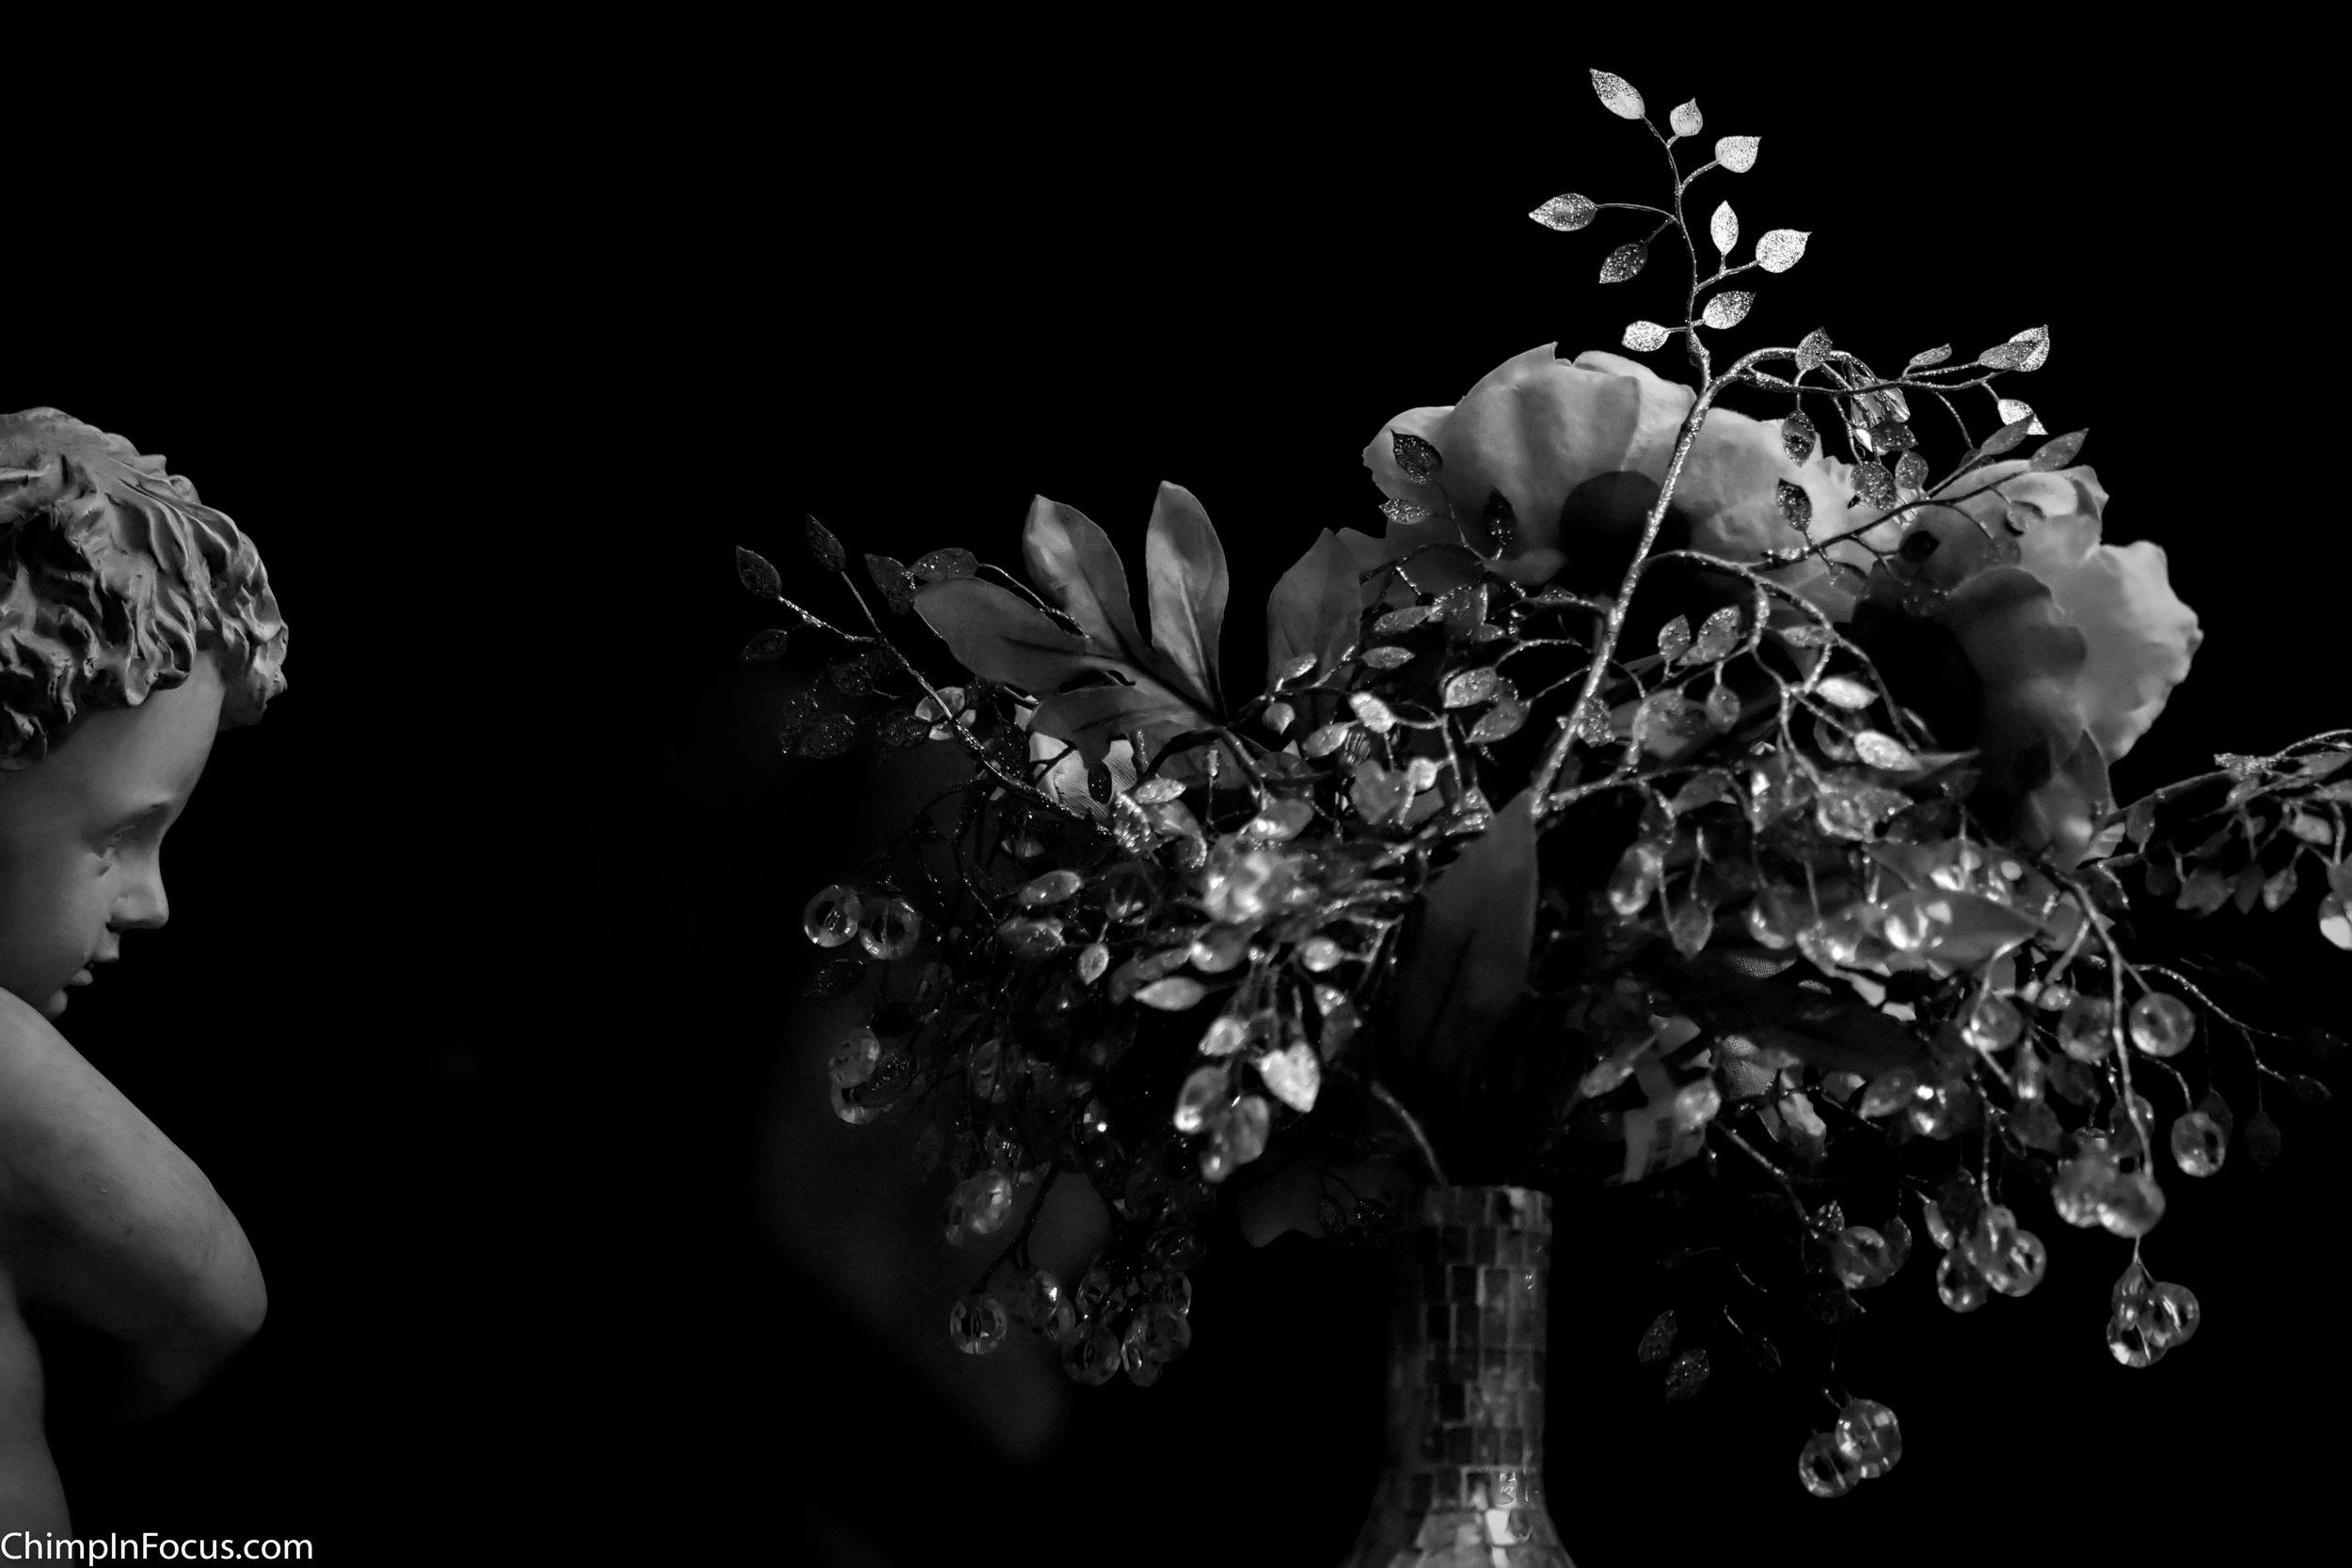 Cherub & Flowers